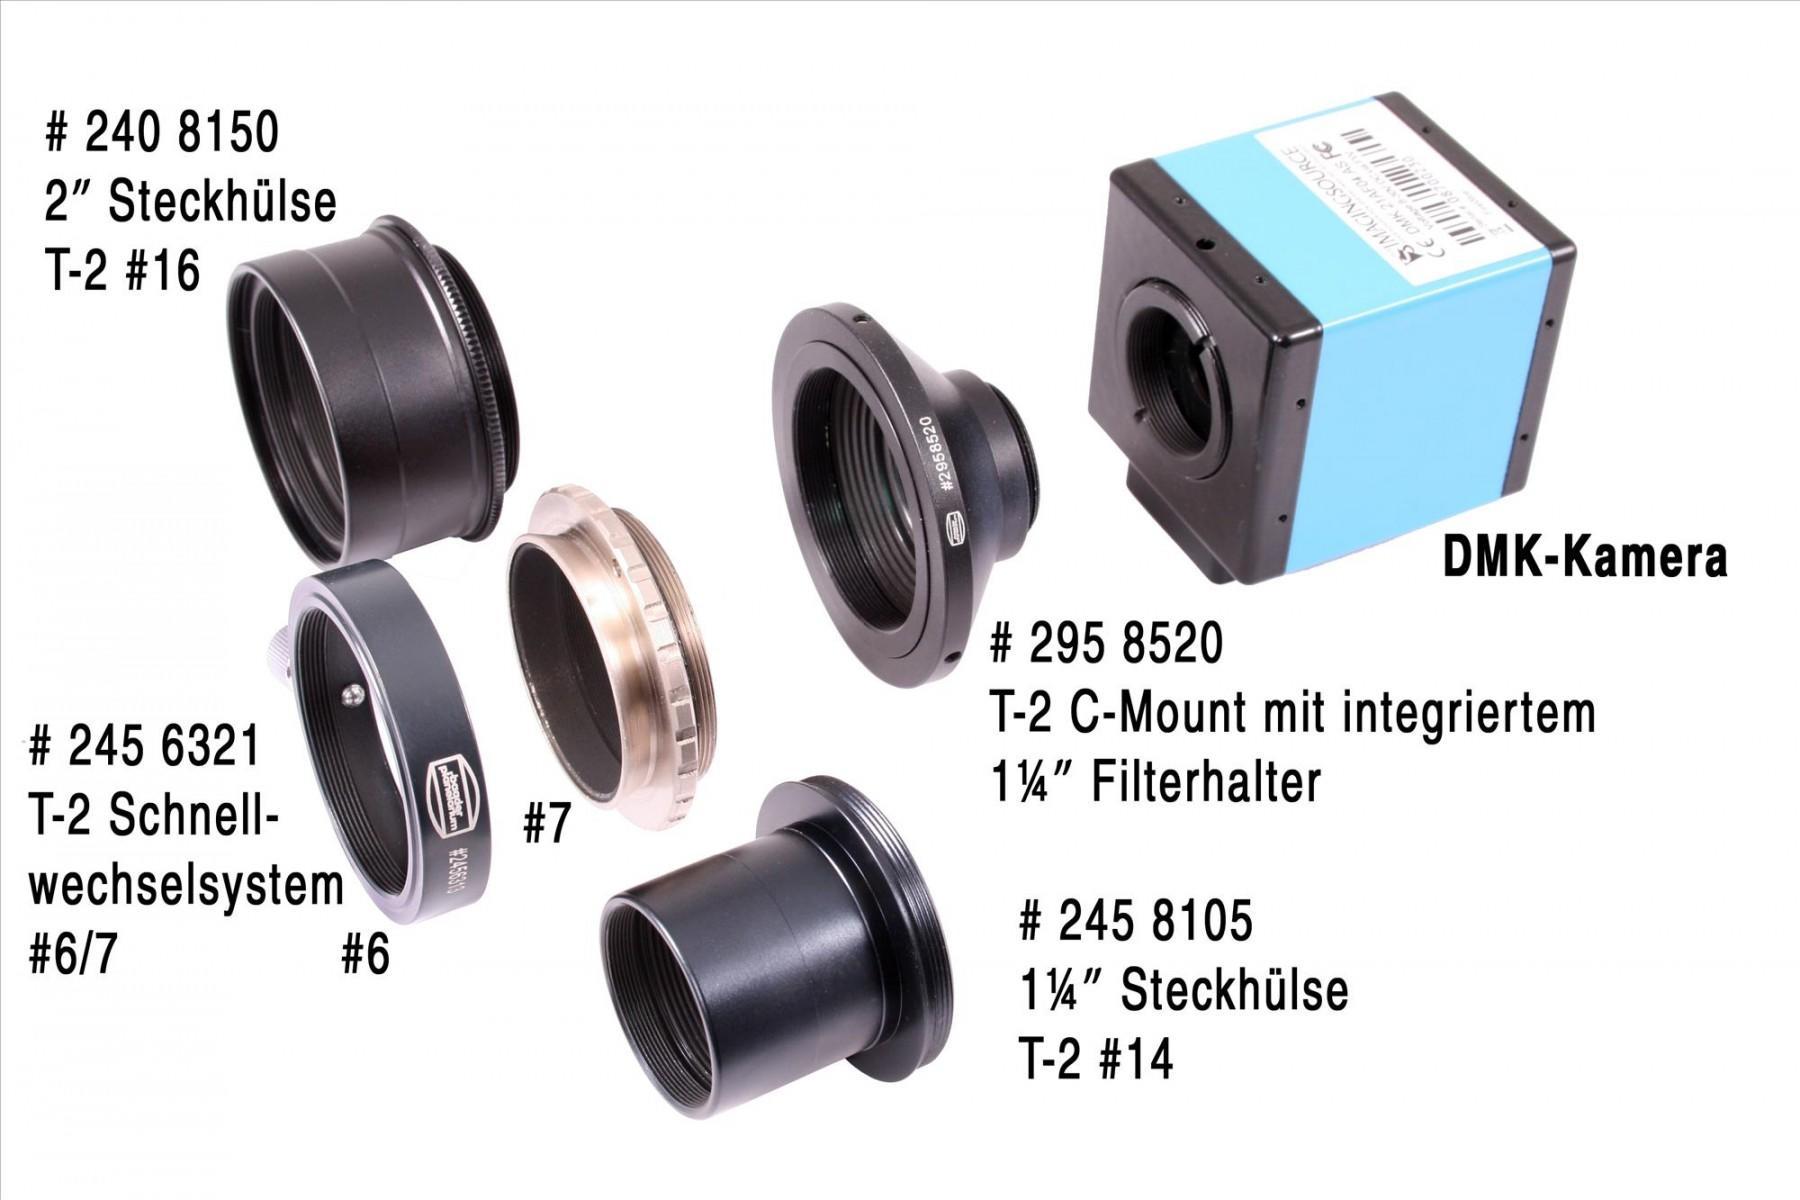 baader-c-mount-t-2-with-integrated-1-1-4-filterholder-af5.jpg